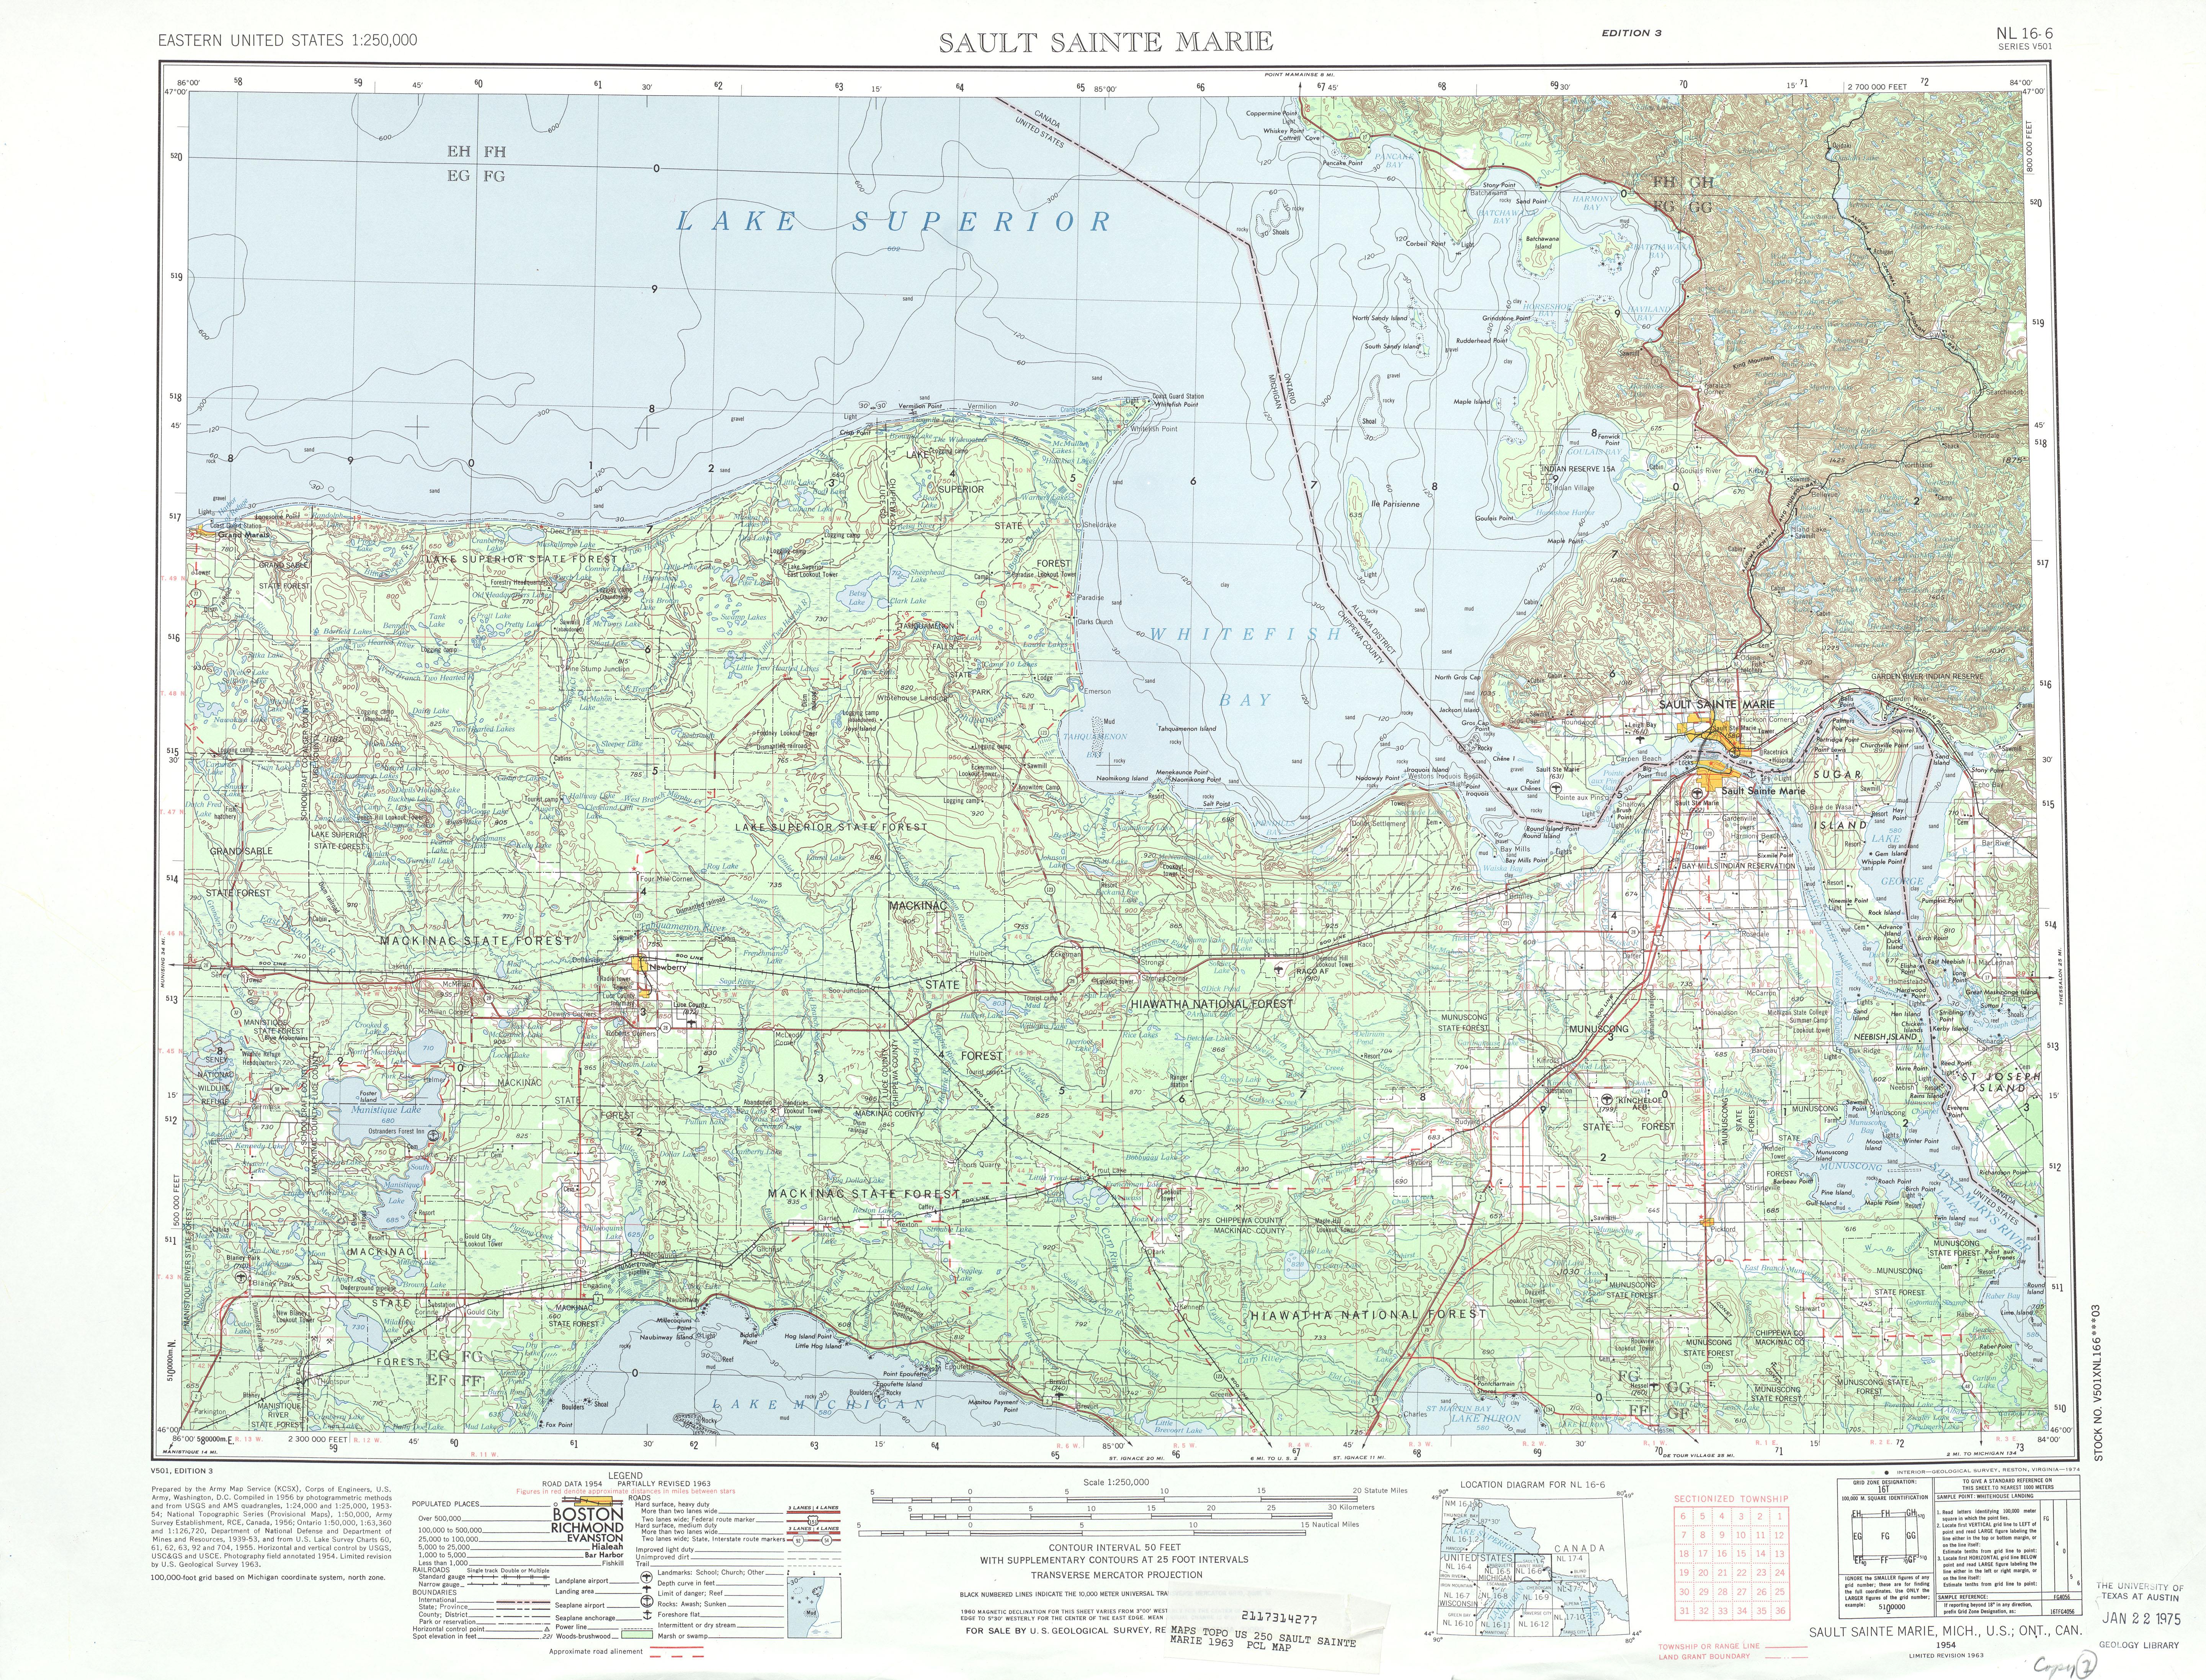 Hoja Sault Sainte Marie del Mapa Topográfico de los Estados Unidos 1963